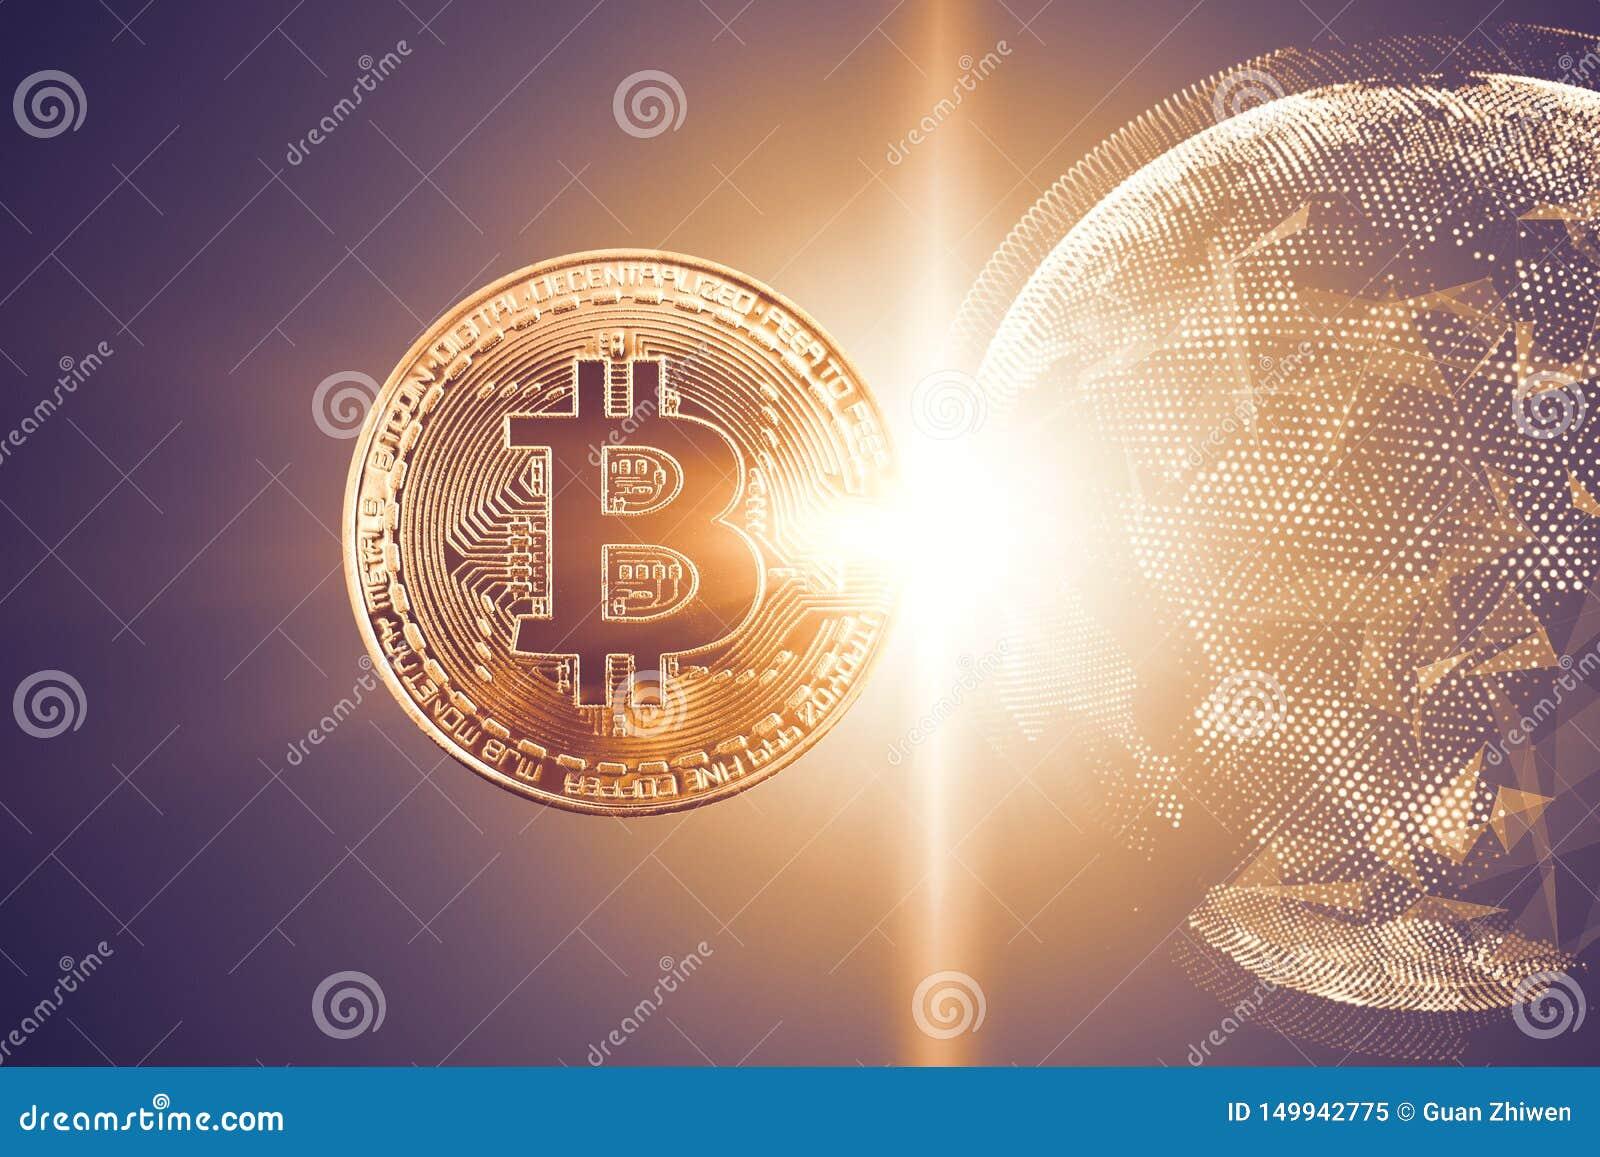 bitcoin grafic 10 ani